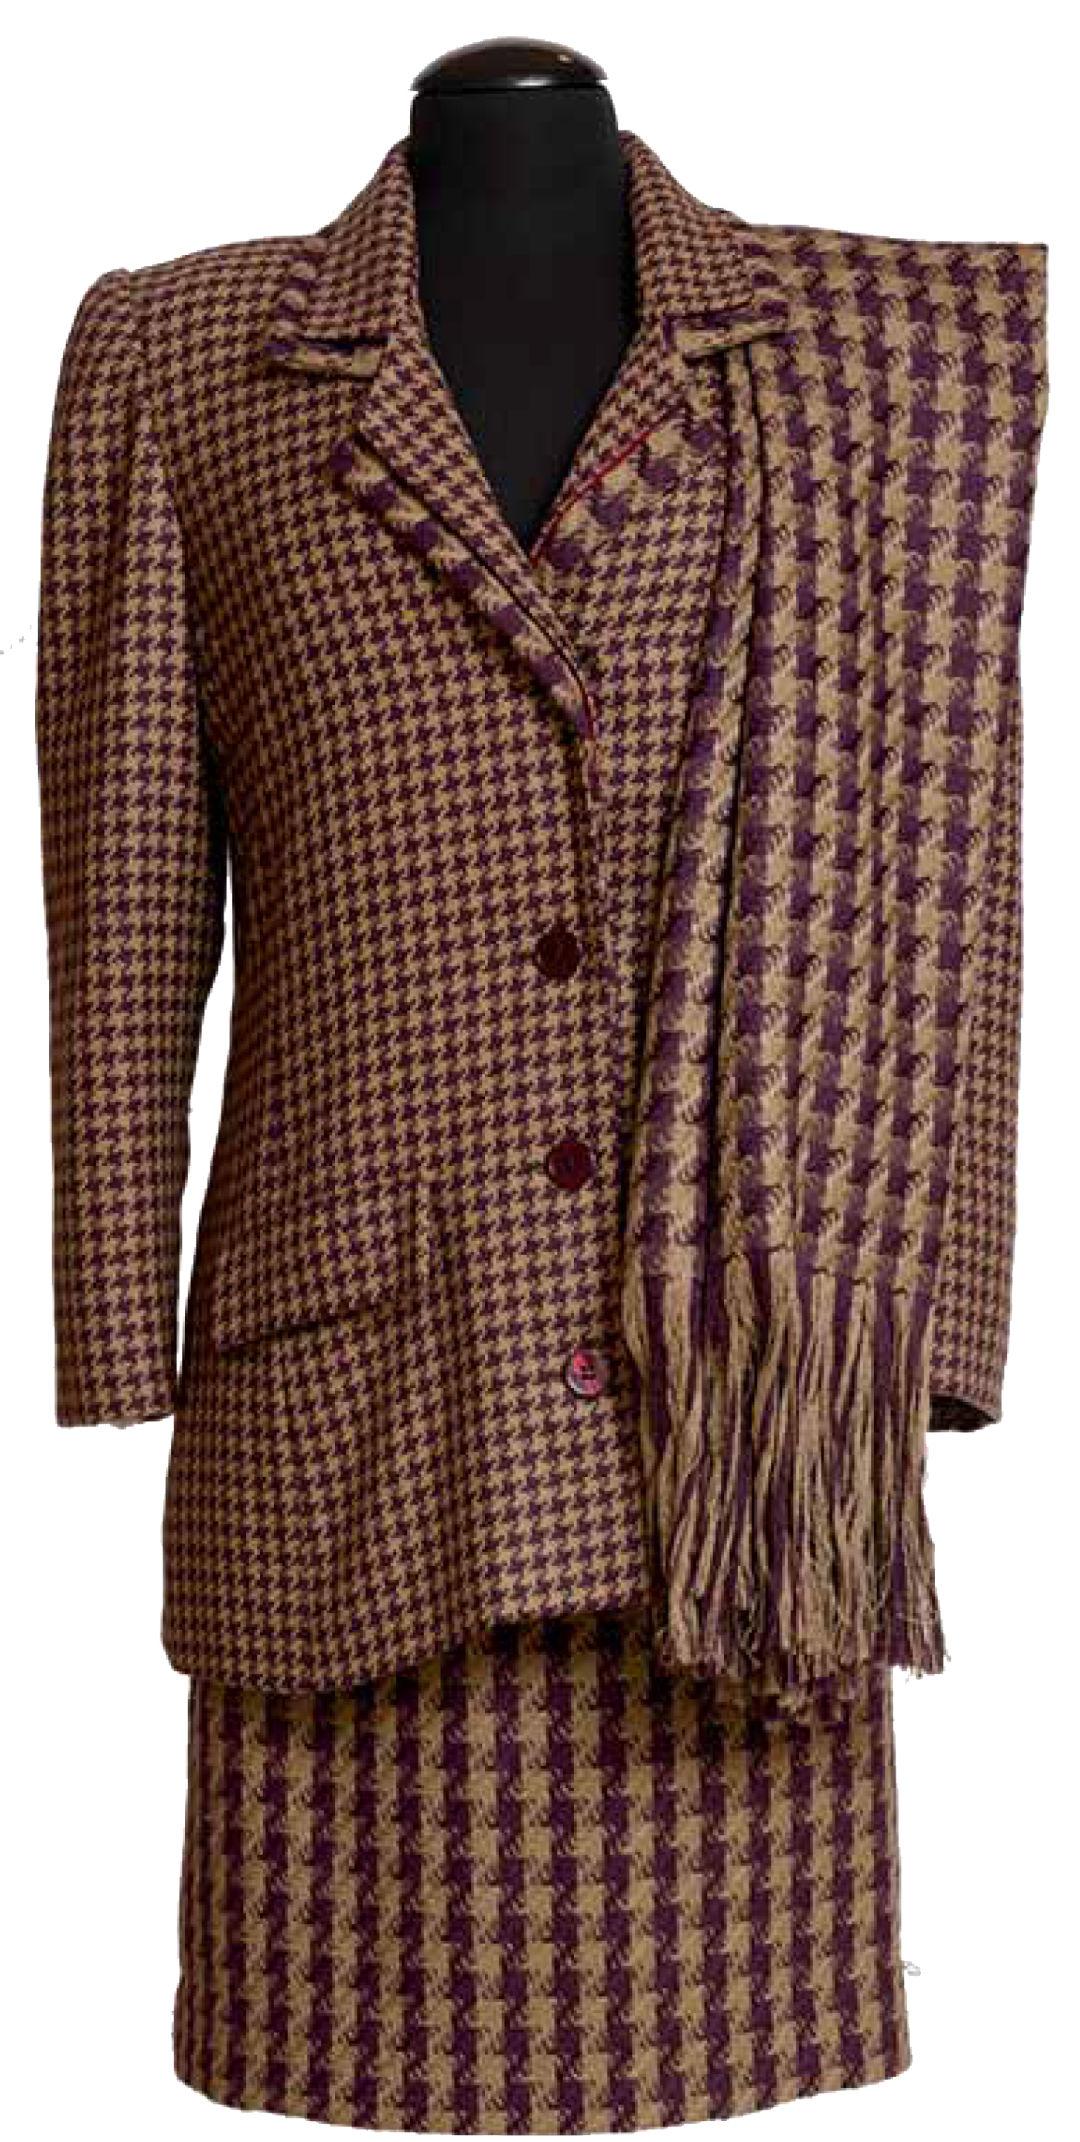 Dress worn by jacqueline kennedy e79fzw